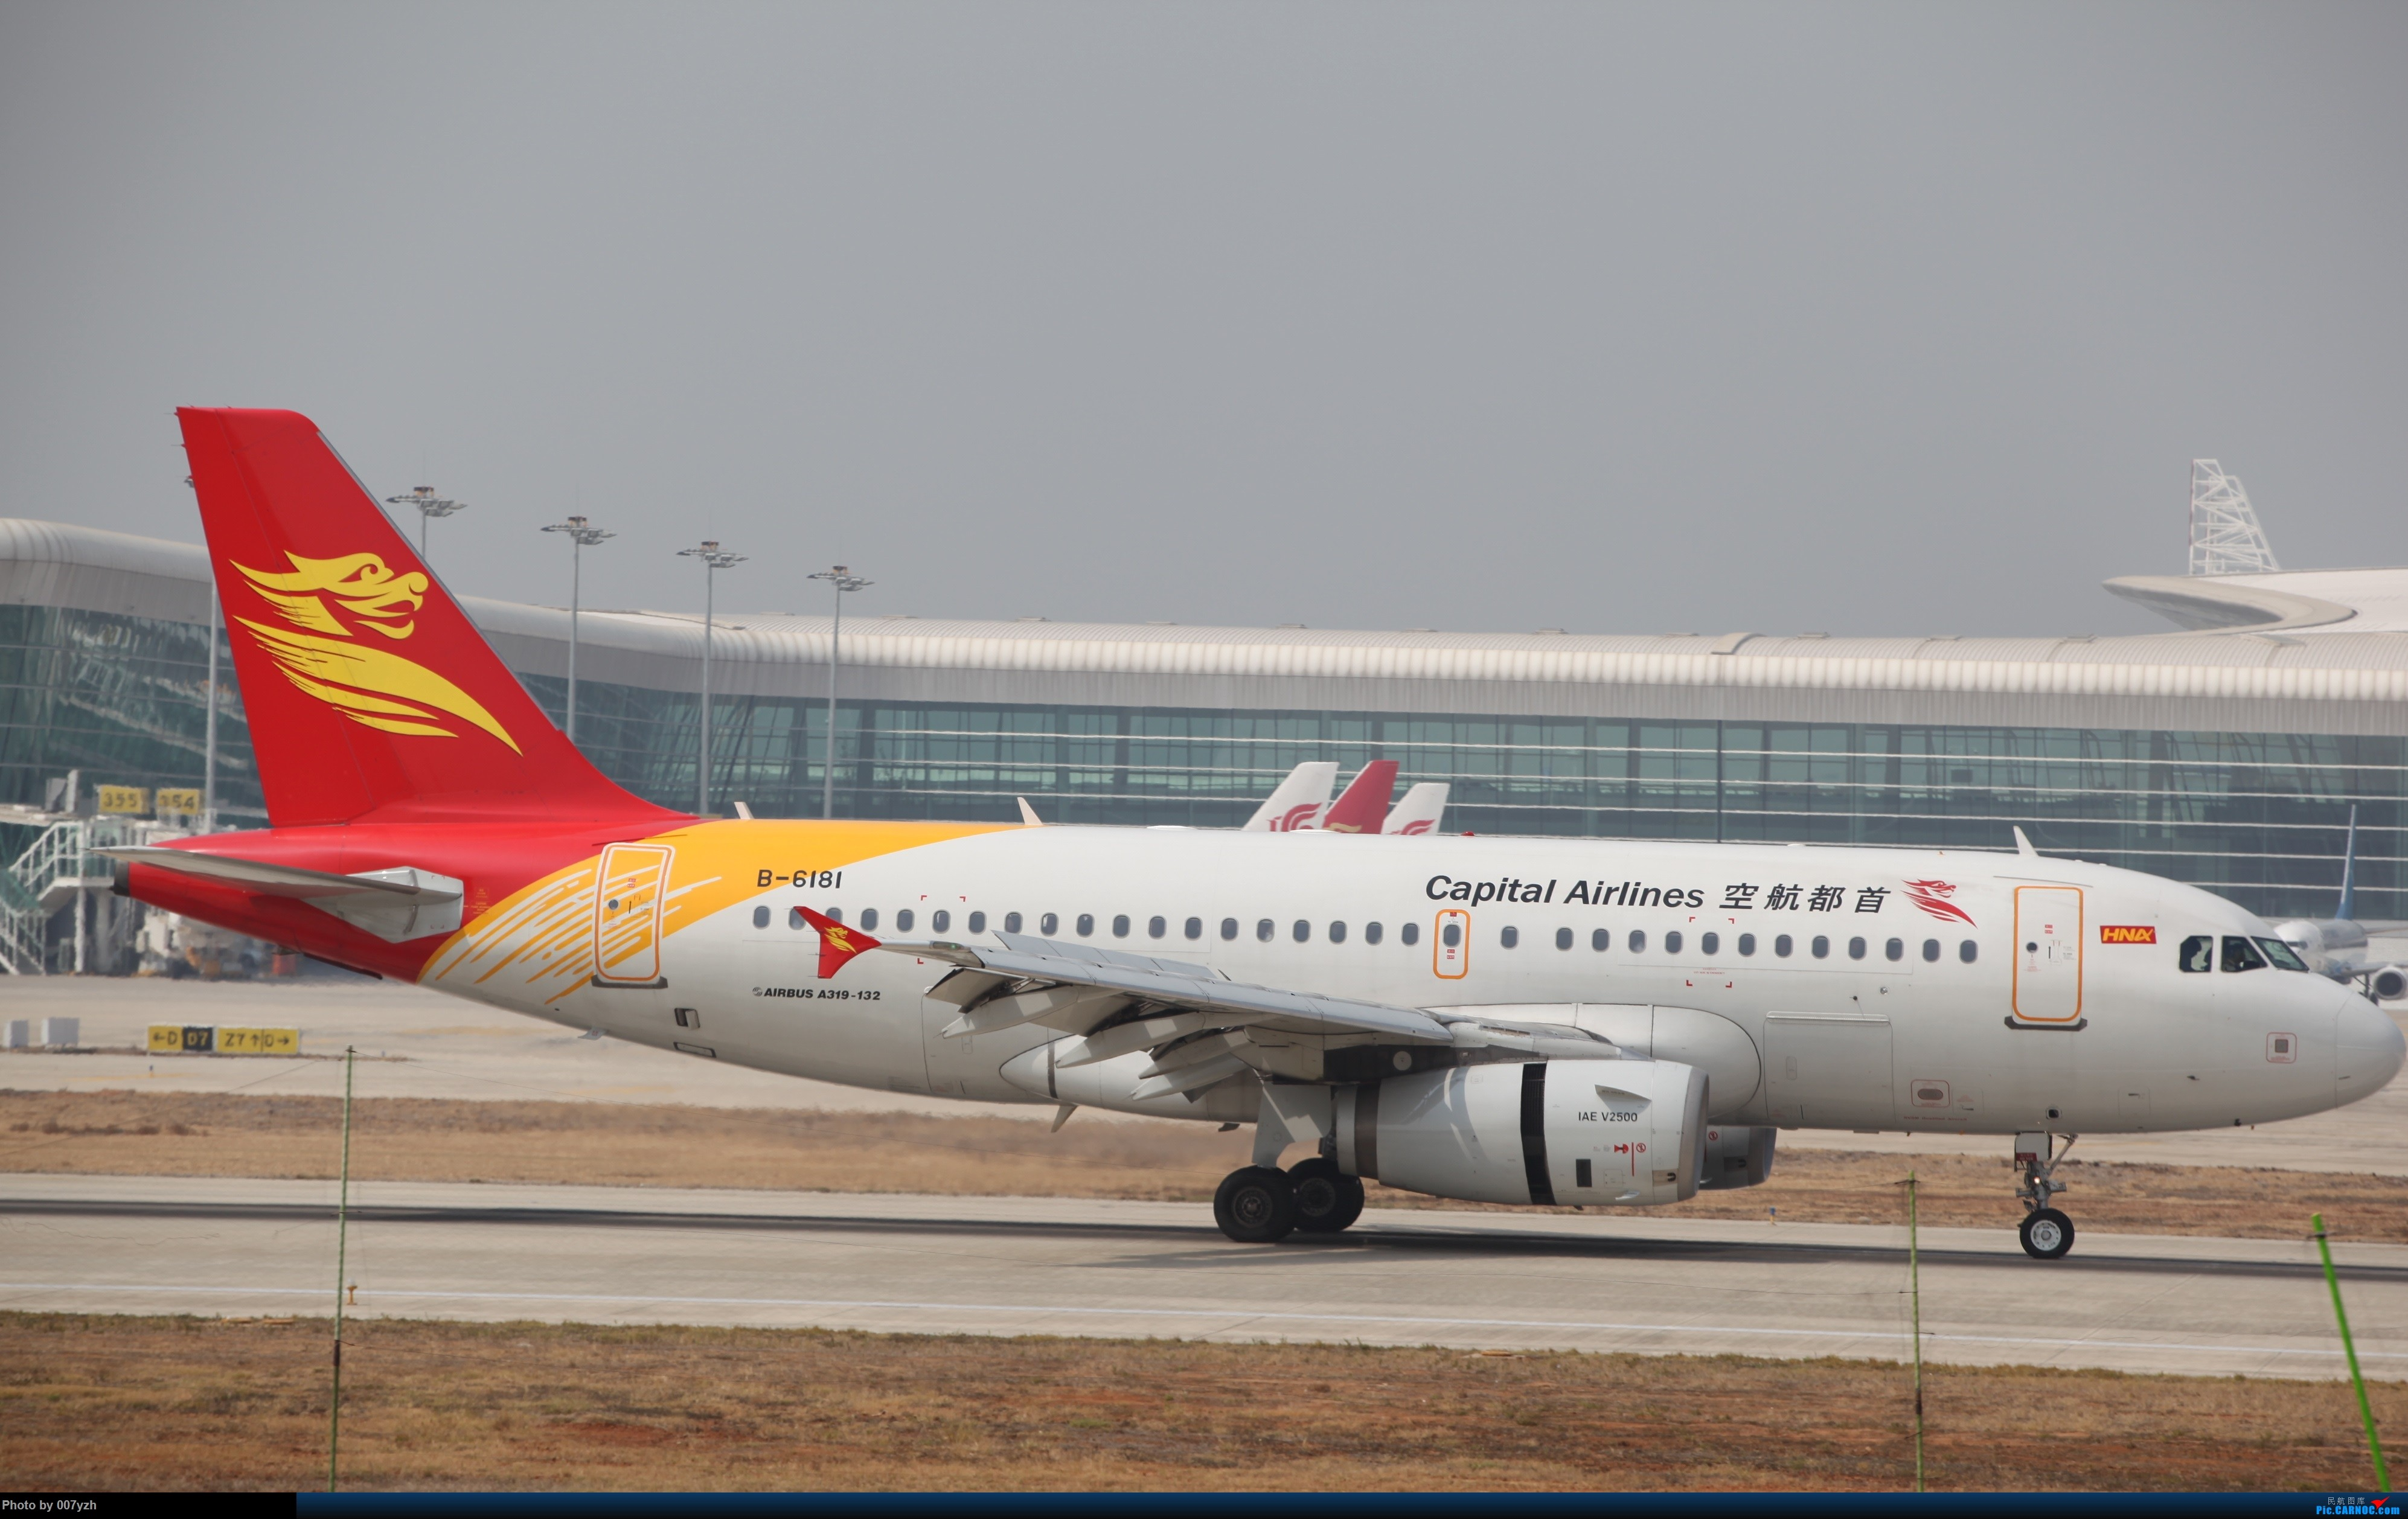 Re:[原创]WUH小拍,终于找到了在WUH拍机的组织 AIRBUS A319-100 B-6181 中国武汉天河国际机场